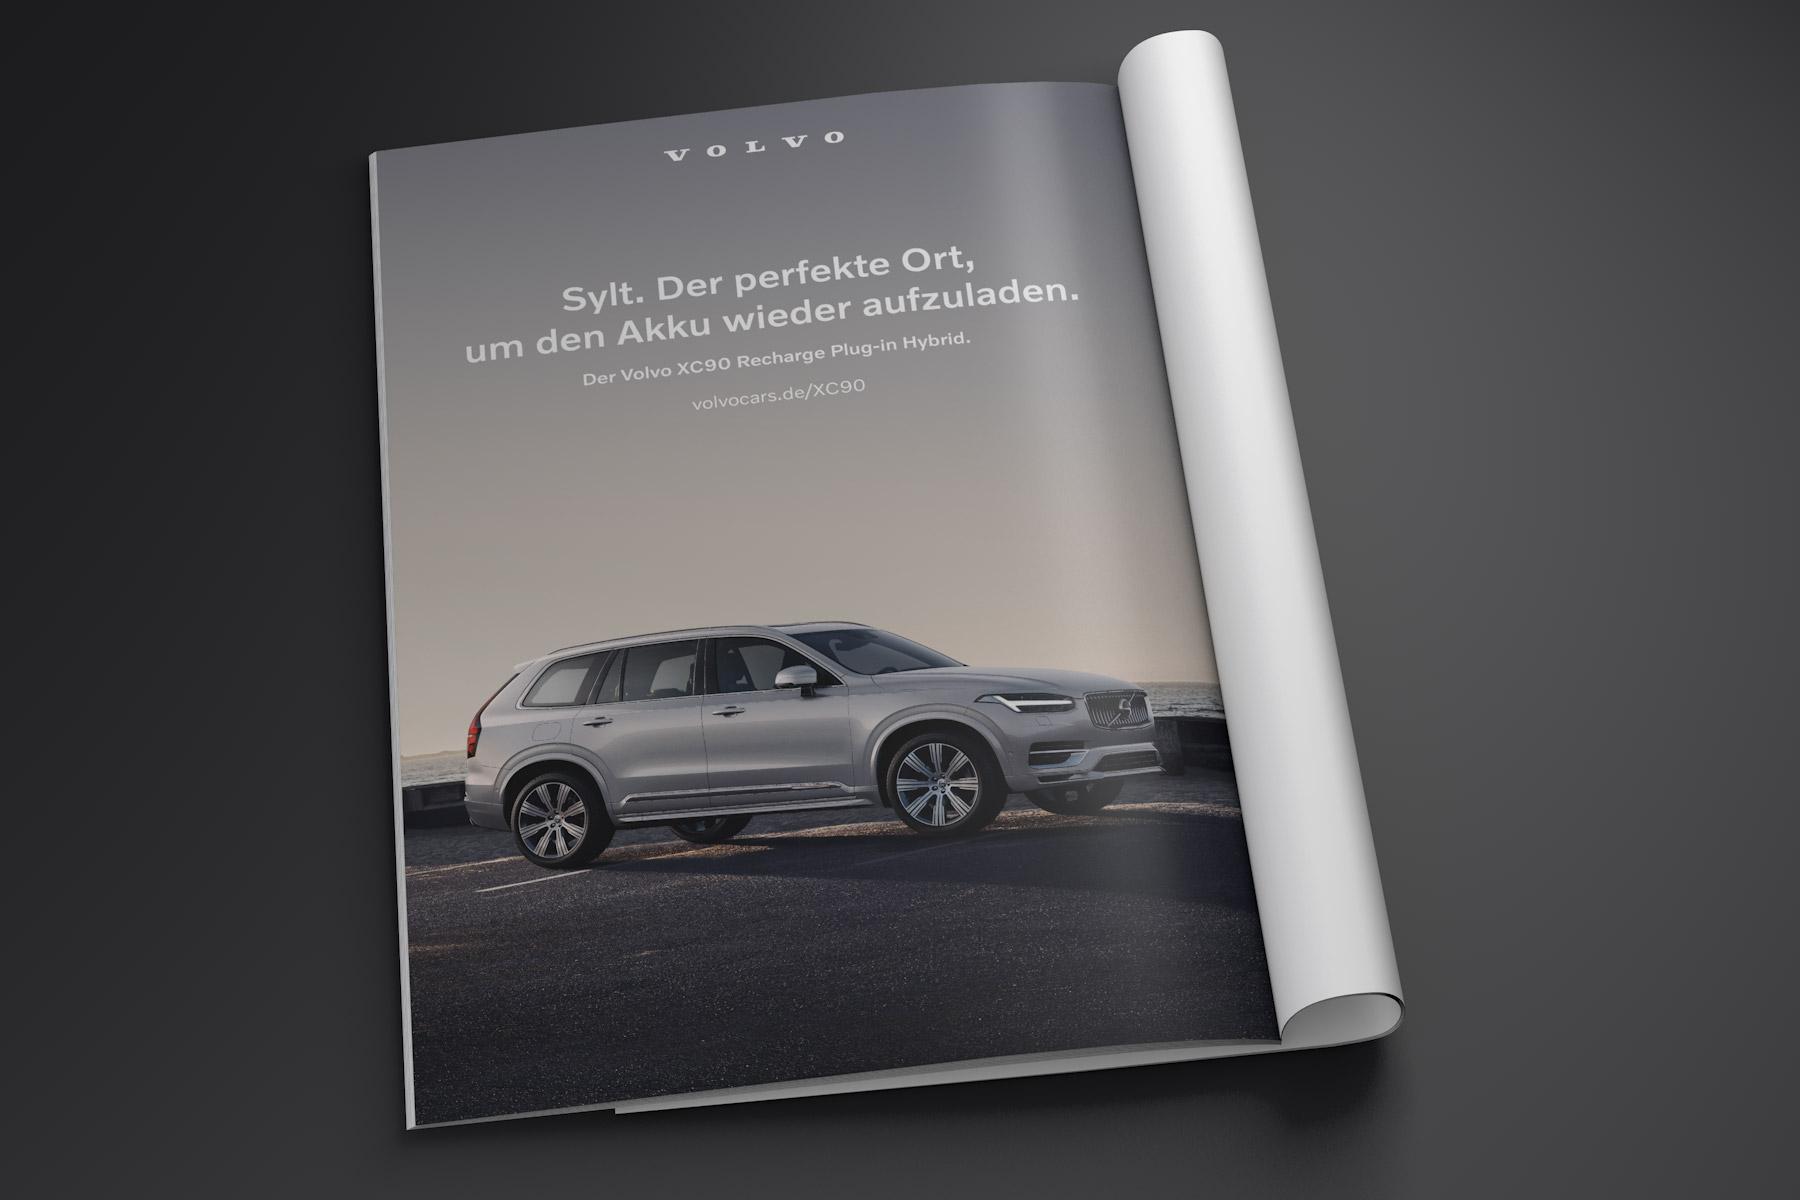 Volvo Anzeigen